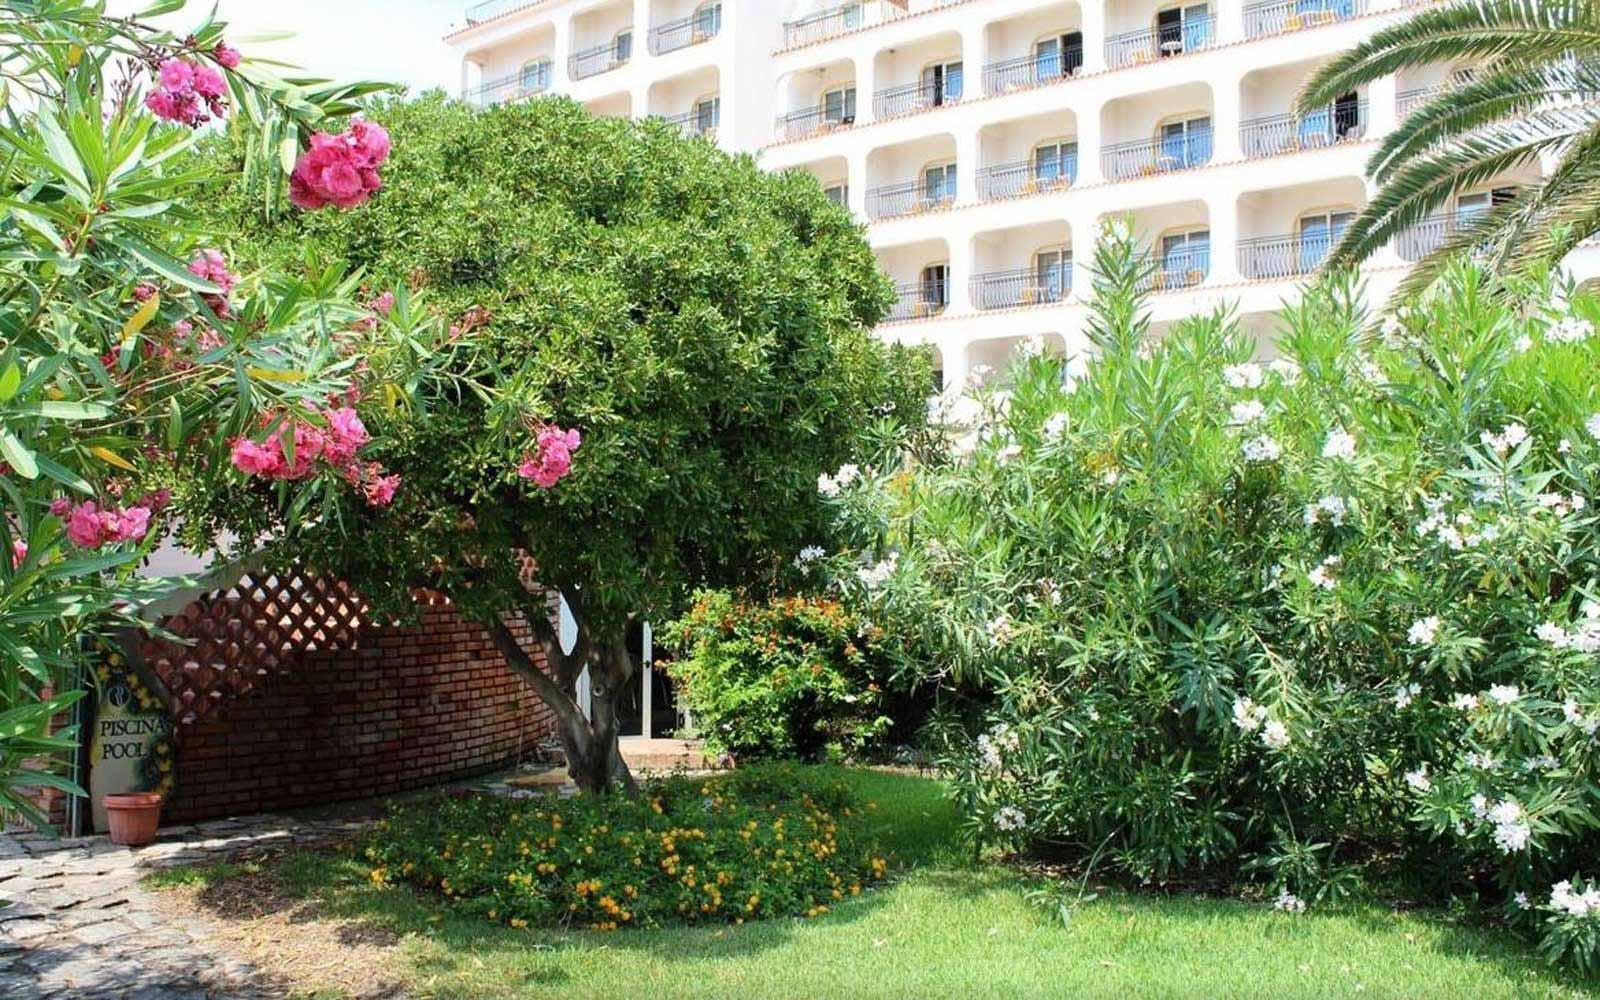 Hilton giardini naxos taormina sicily 5 holidays for Garden giardini